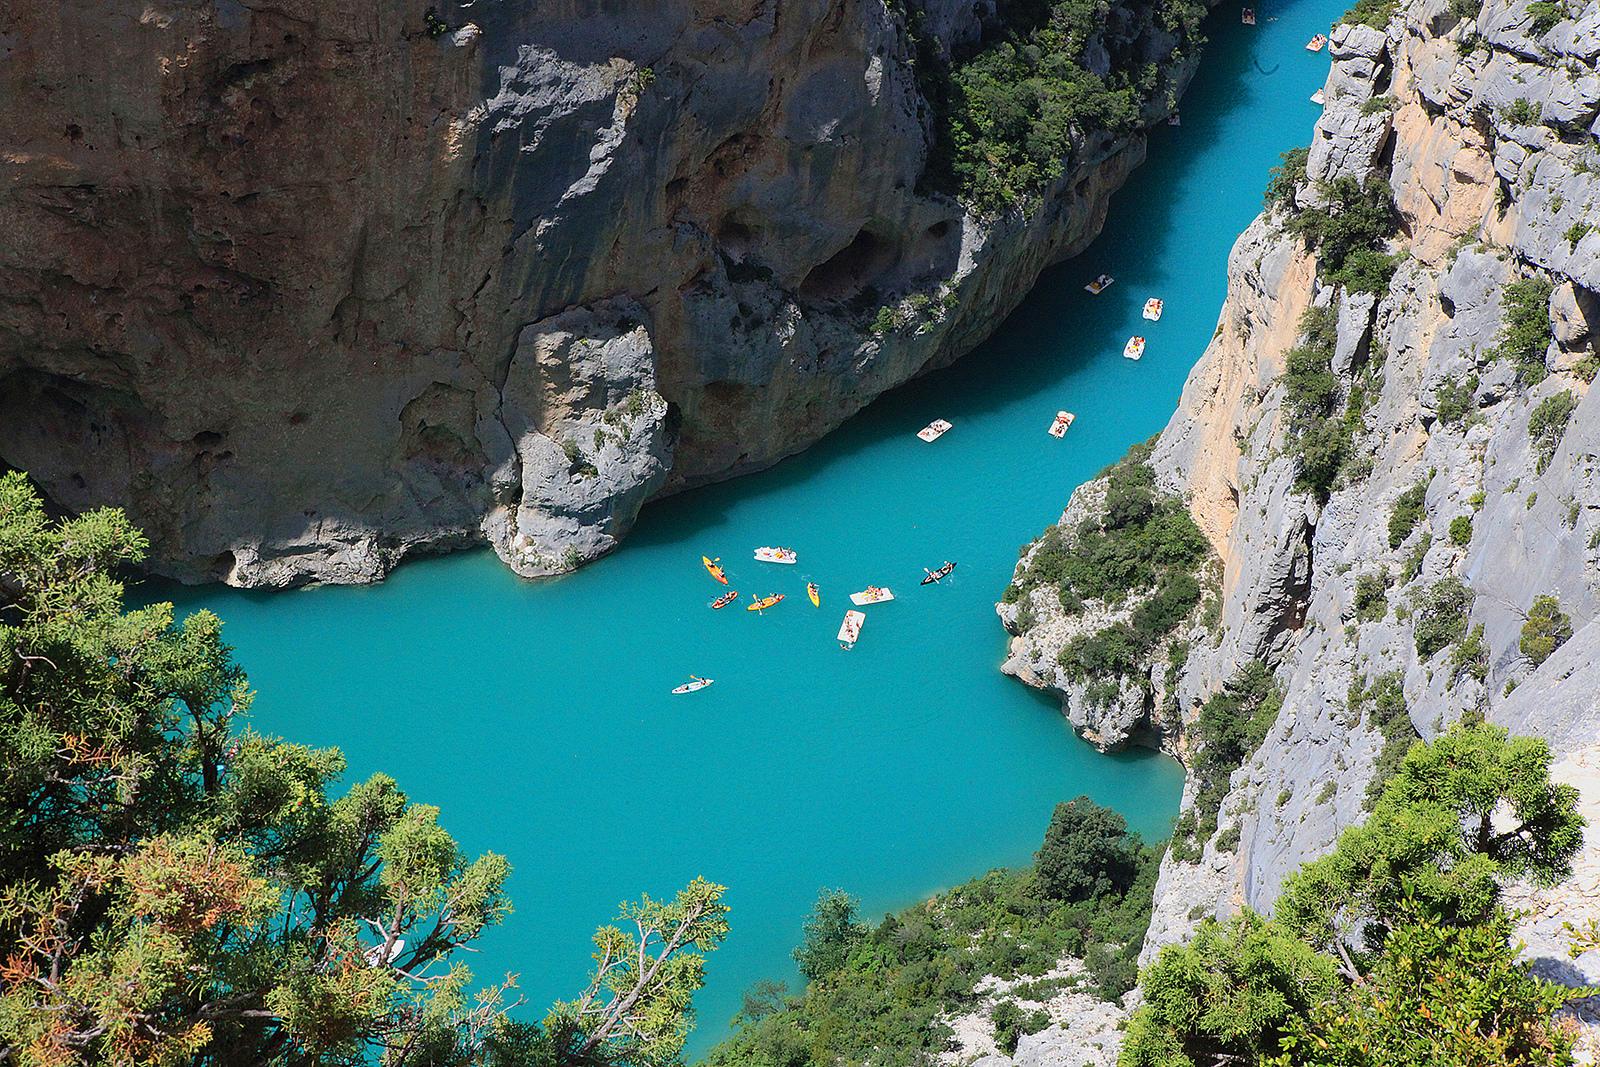 Невероятные природные краски, Вердонское ущелье, Прованс